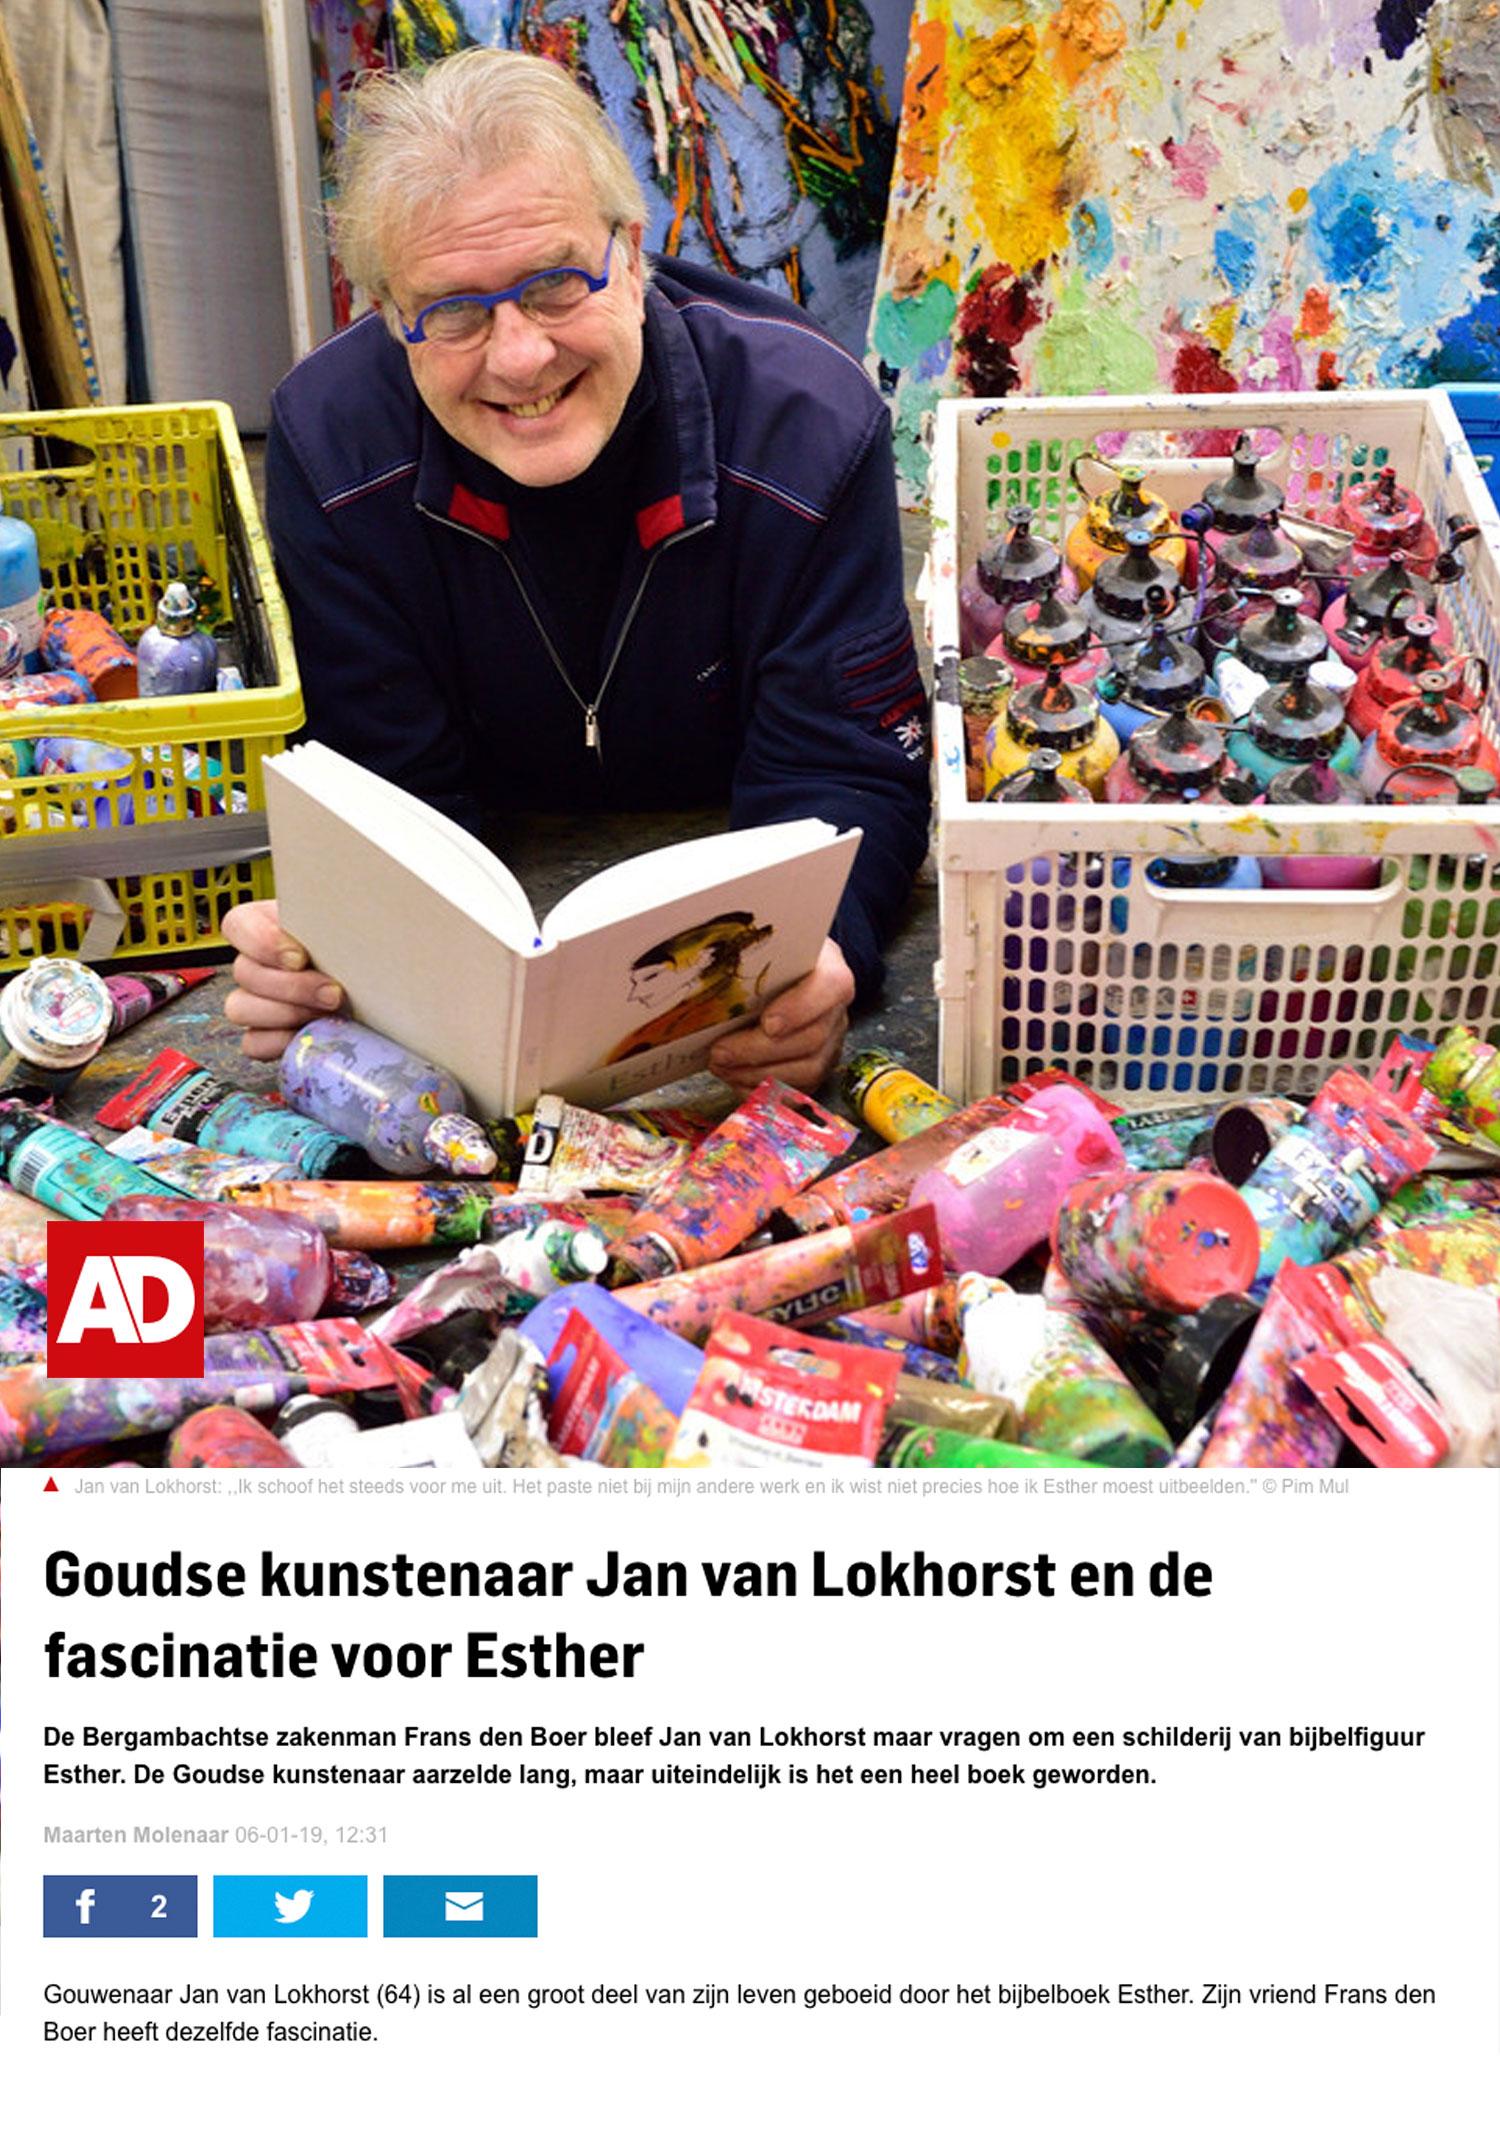 Jan van Lokhorst en de fascinatie voor Esther